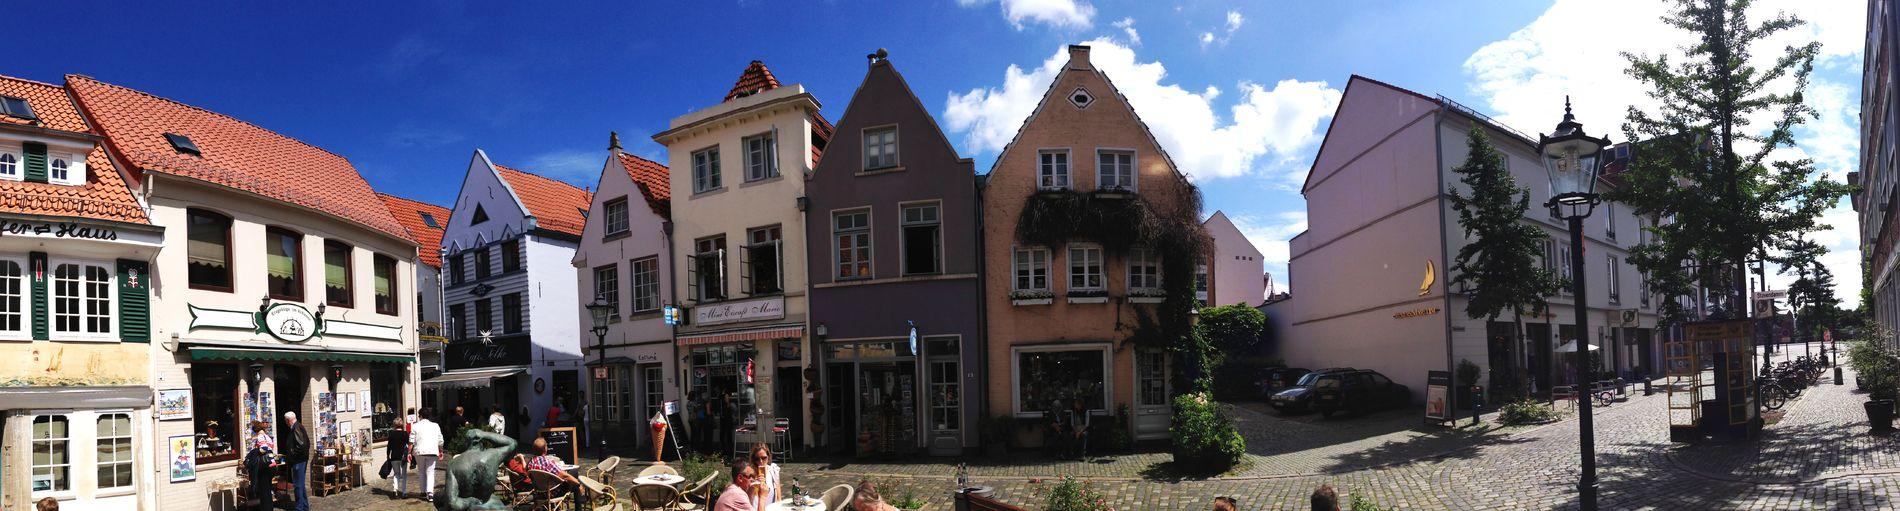 Zu sehen ist ein kleiner Platz, auf dem Menschen an Tischen sitzen und Getränke trinken. Der Platz ist umgeben von bunten Häusern. Rechts im Bild stehen eine Laterne und eine gelbe Telefonzelle.